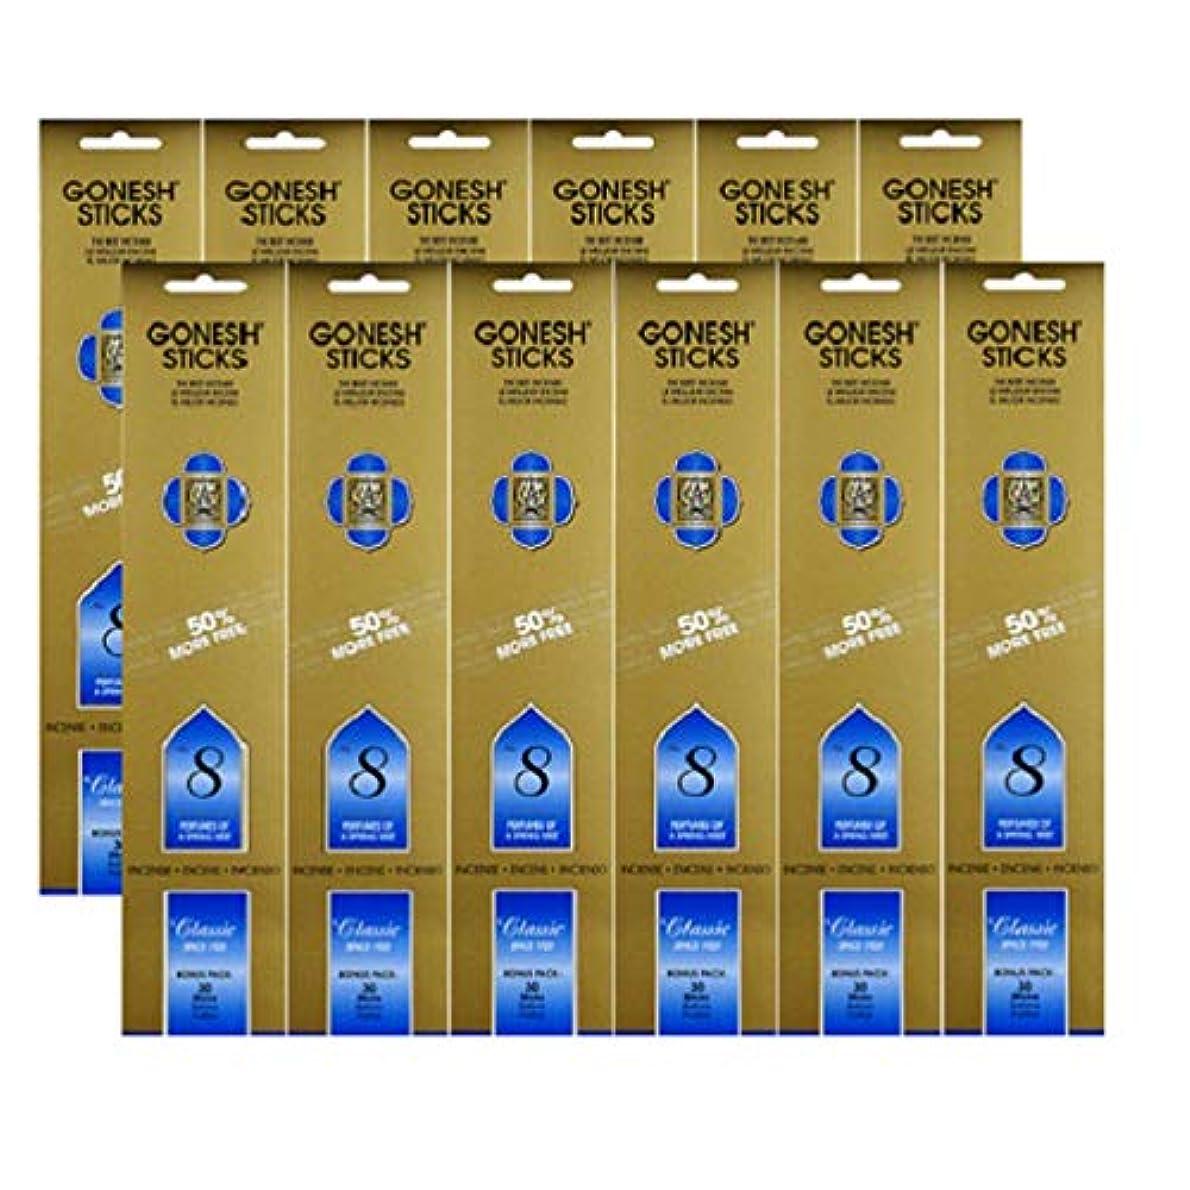 ドライバばかもちろんGonesh #8 Bonus Pack 30 sticks ガーネッシュ#8 ボーナスパック30本入 12個組 360本